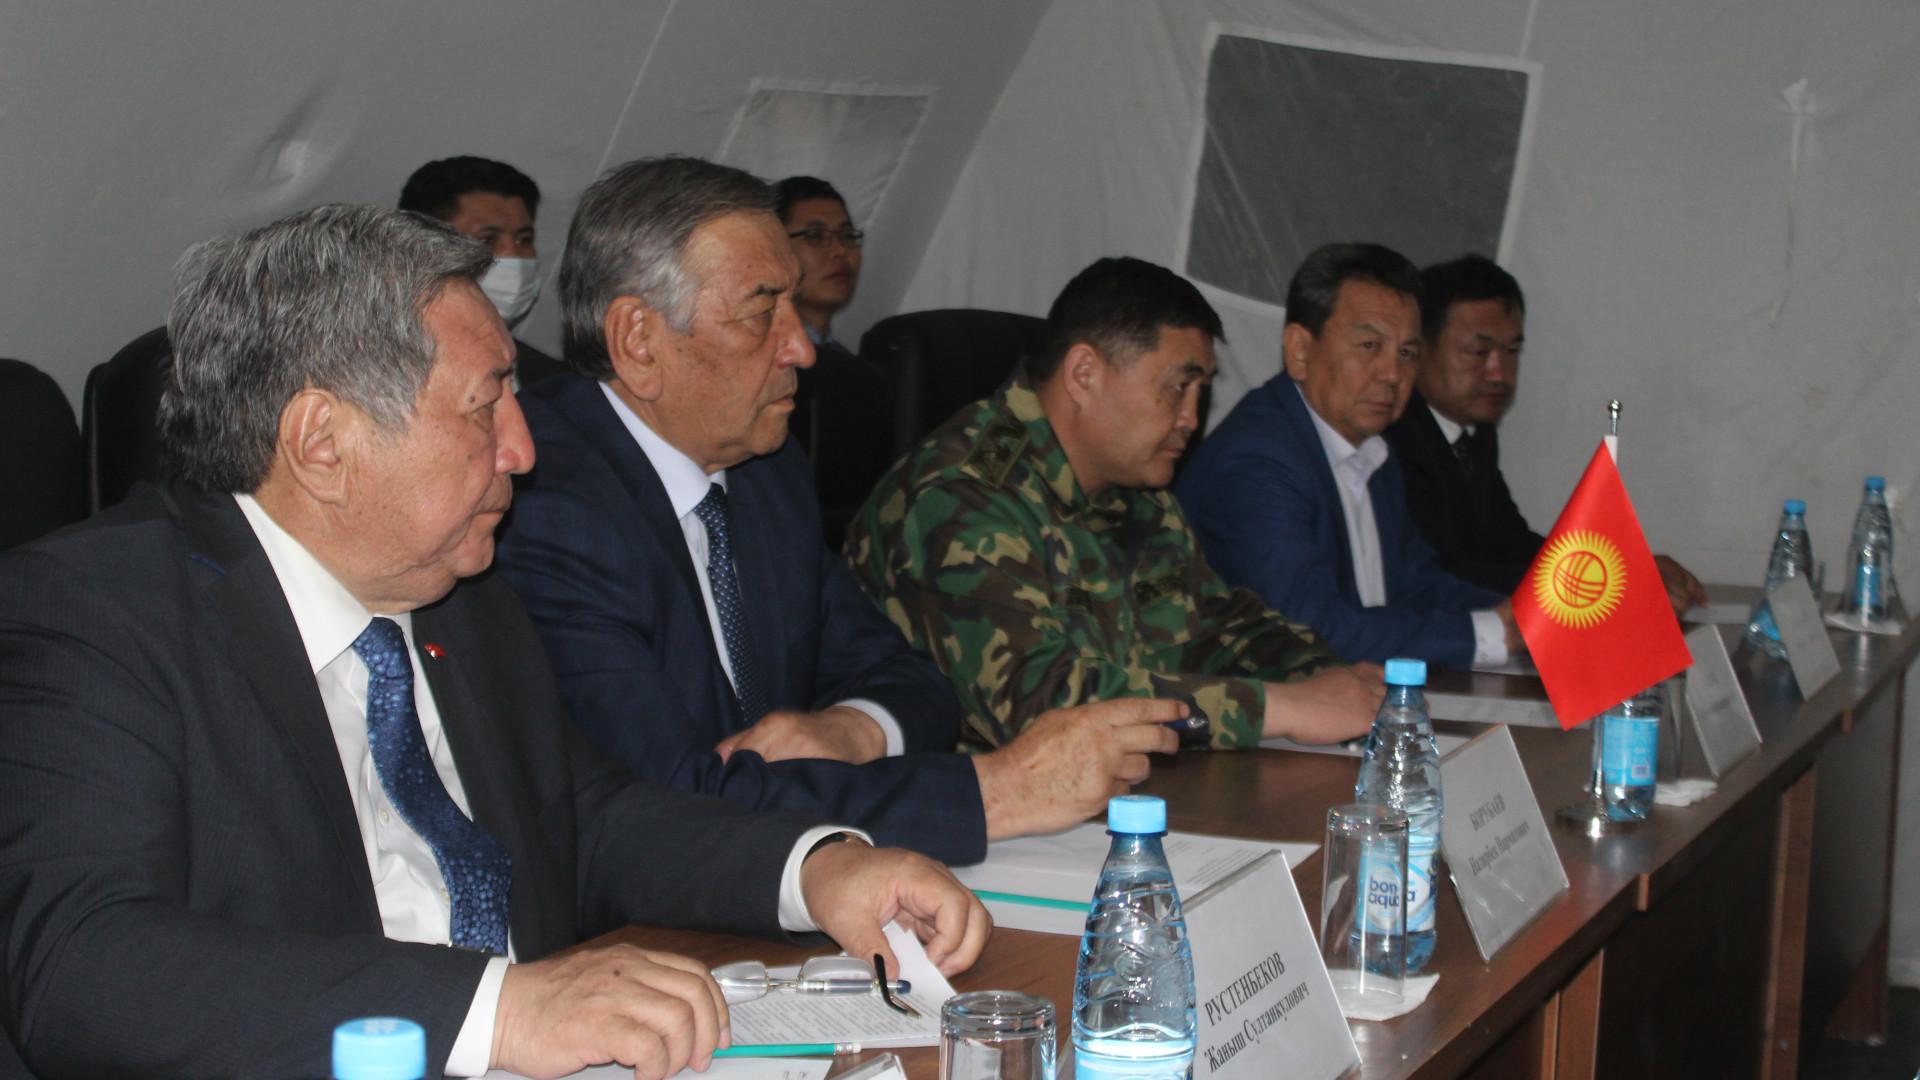 Киргизстан і Таджикистан обговорилимирневрегулювання конфлікту на спільному кордоні / фото уряд Киргизстану